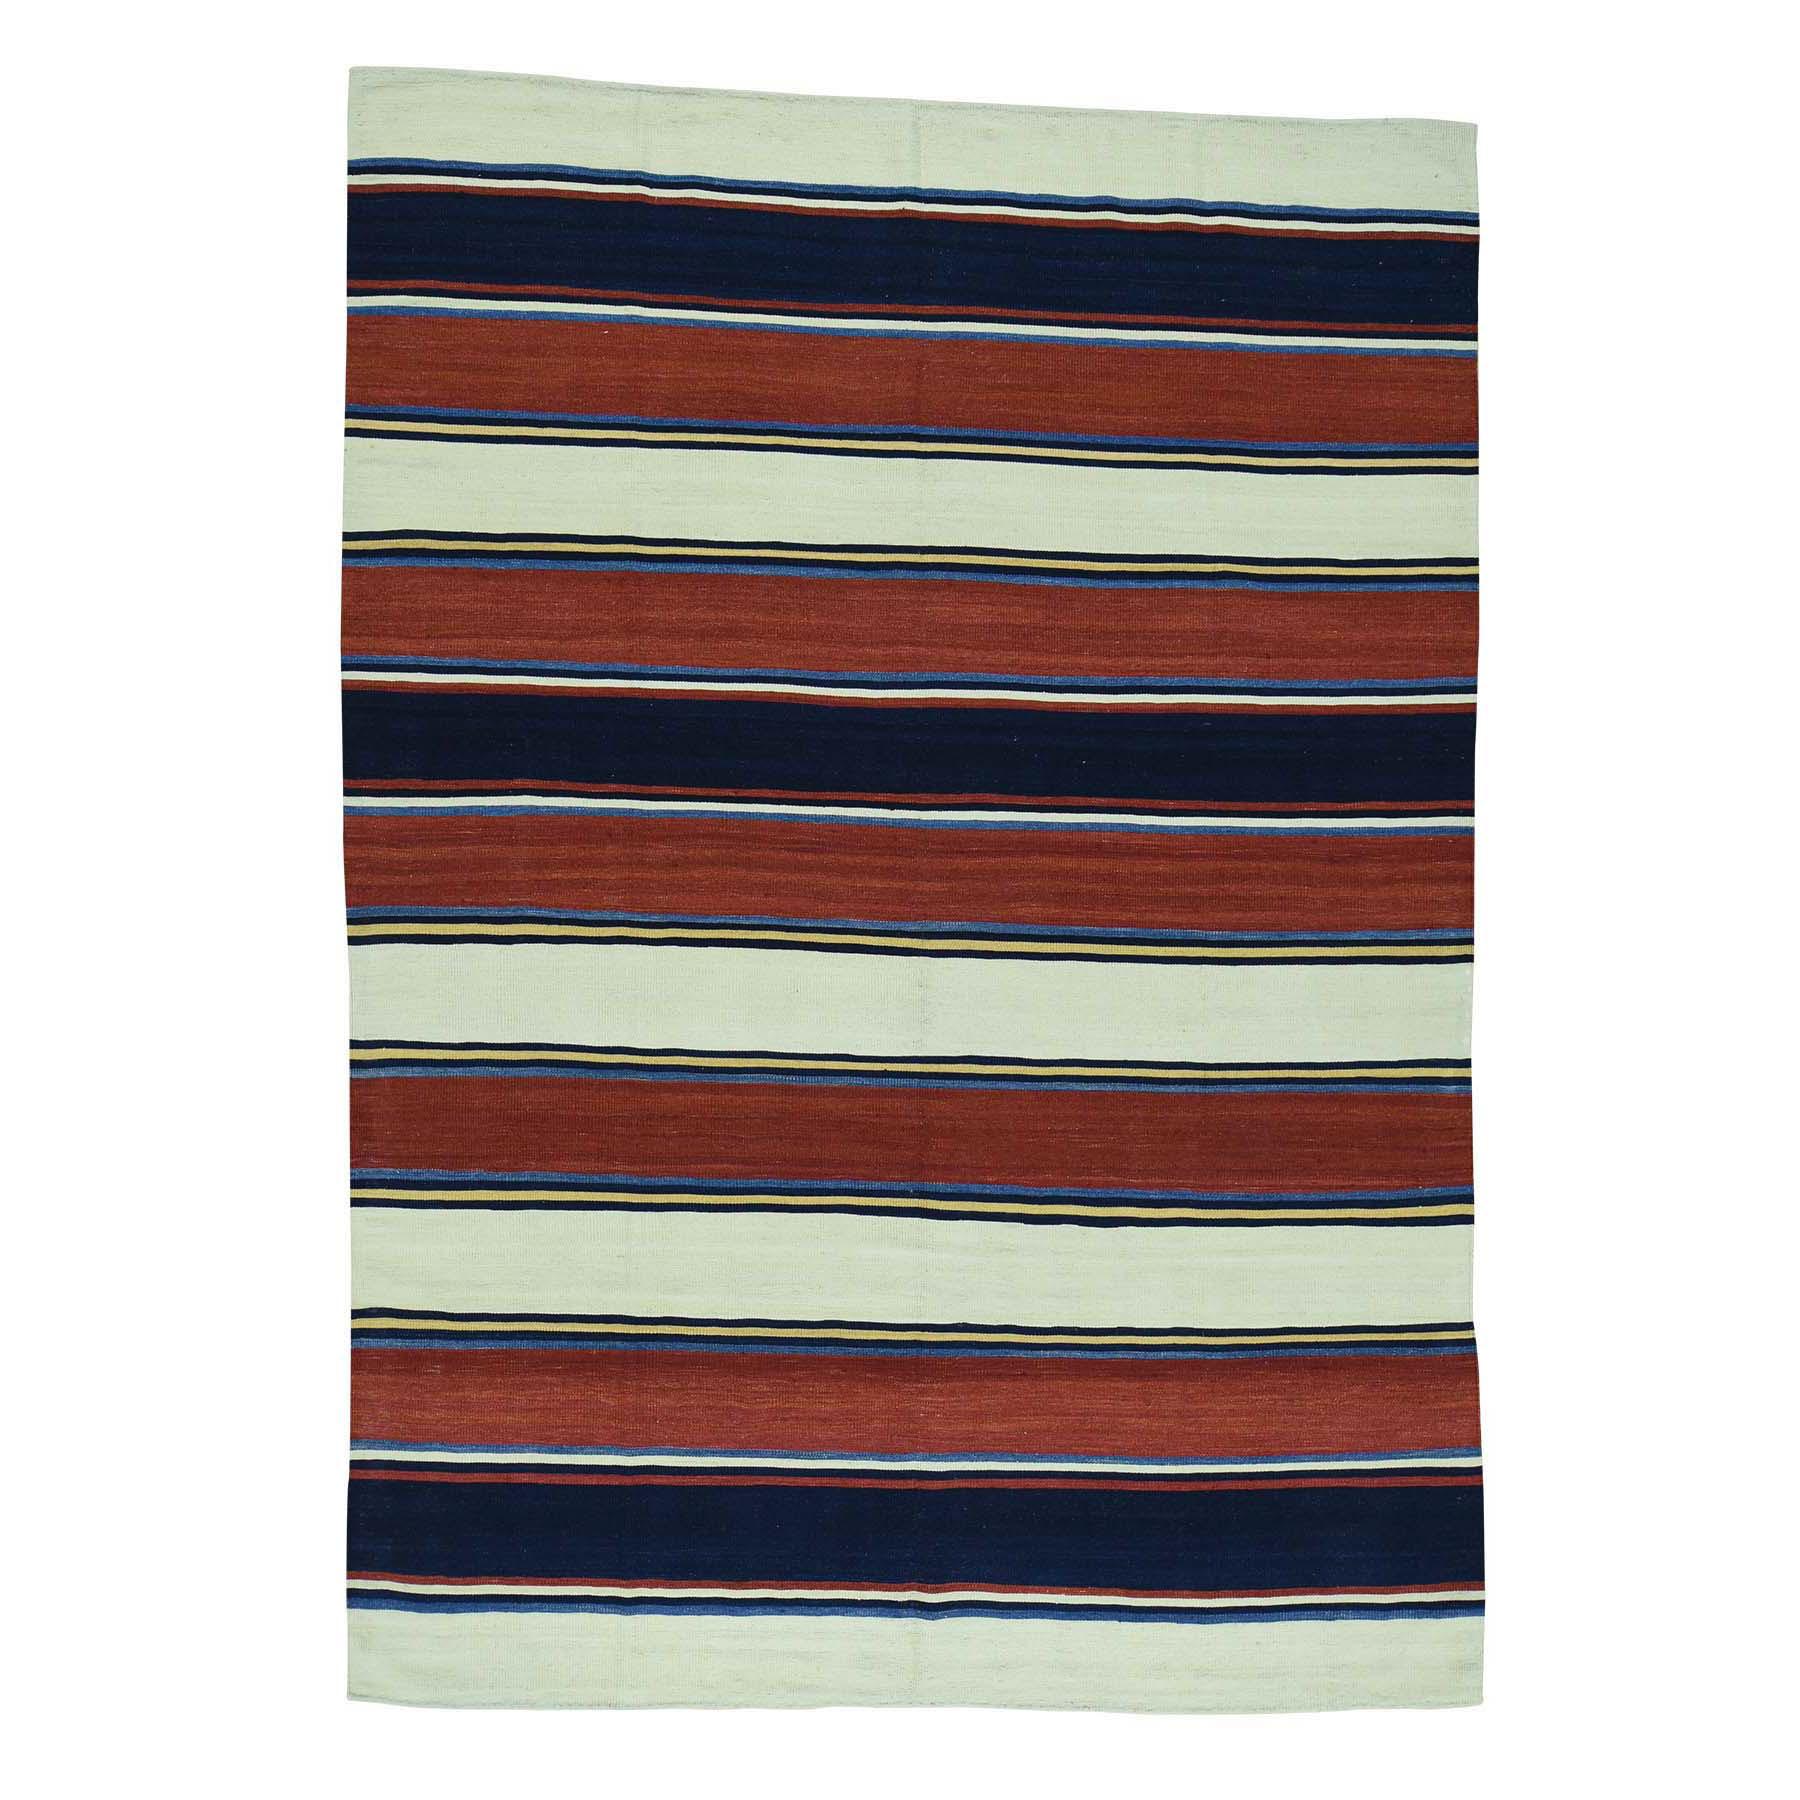 Fine Kilim Collection Hand Woven Multicolored Rug No: 0172320